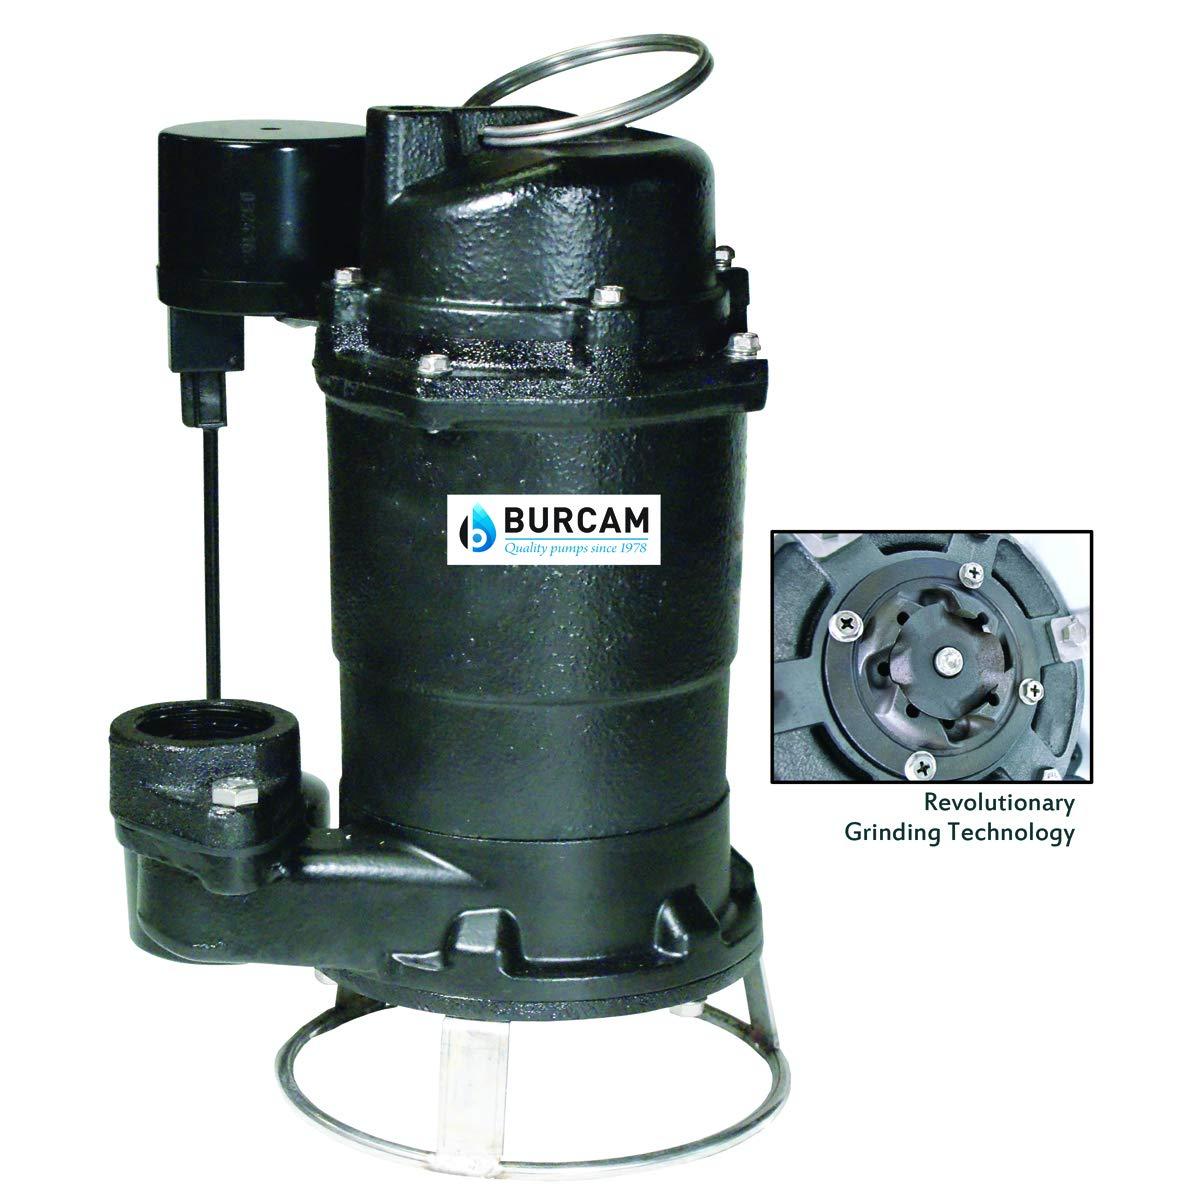 BURCAM 400700P 3/4 HP Sewage Grinder Pump by Bur-Cam